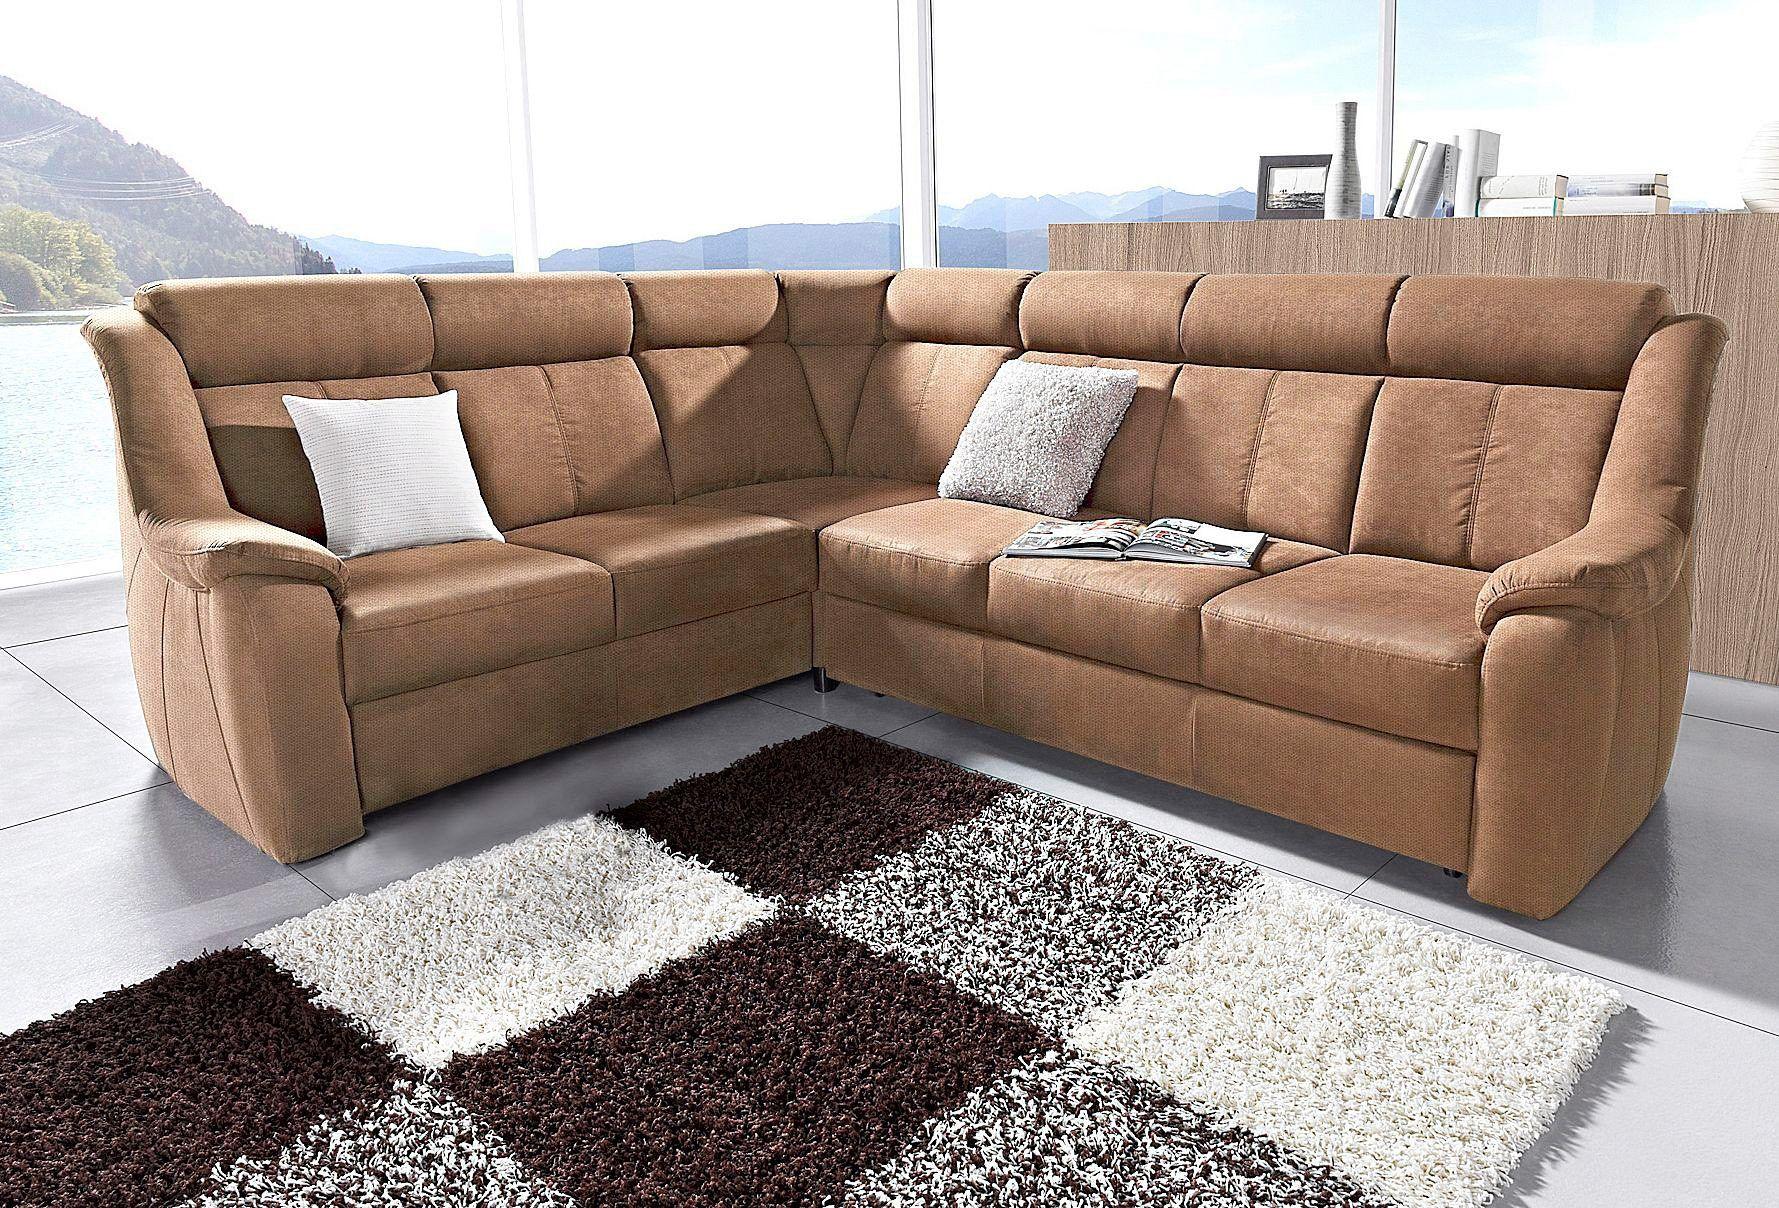 Genial Couch Mit Relaxfunktion Referenz Von Ecksofa Braun, Relaxfunktion, Langer Schenkel Rechts, Fsc®-zertifiziert,